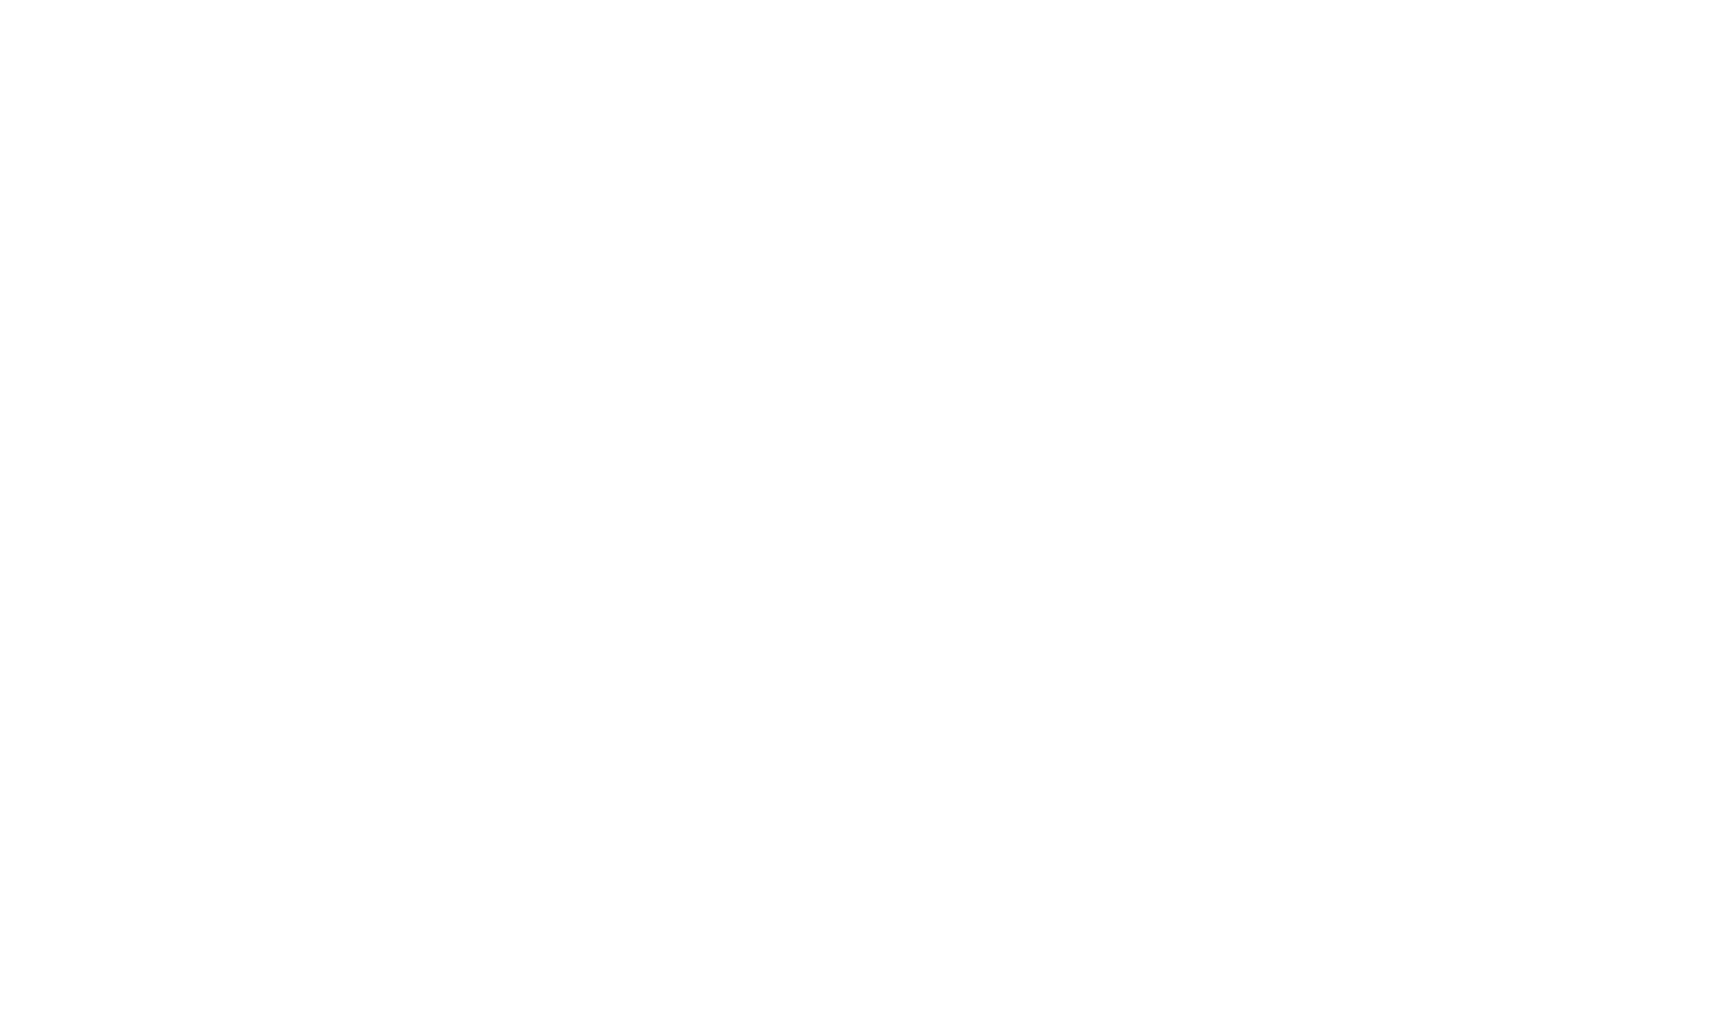 TRILEGIS